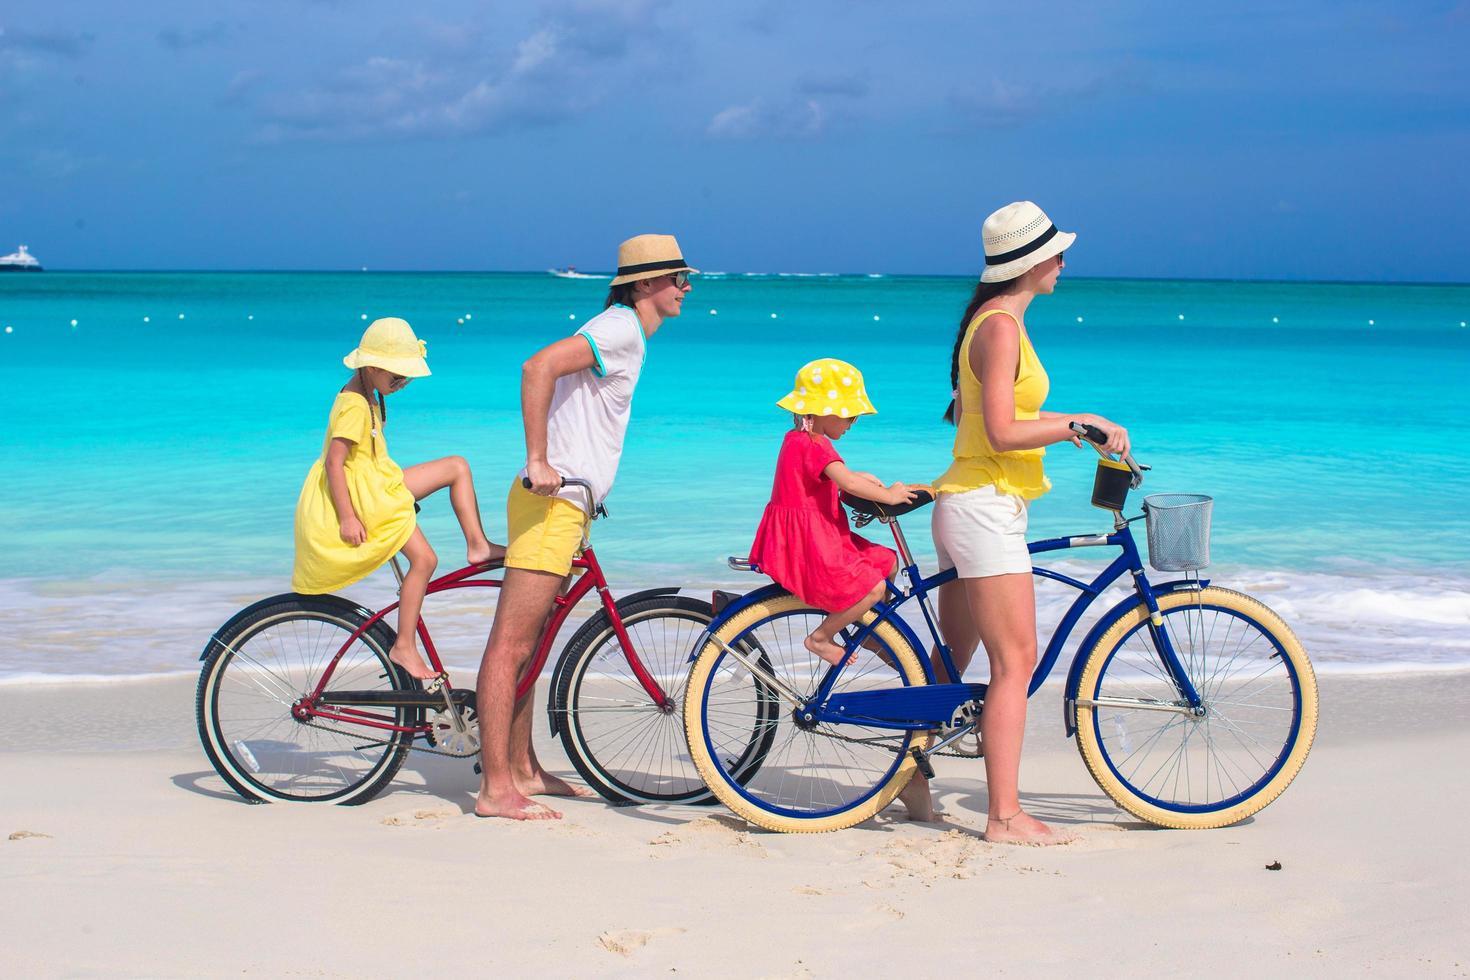 giovani genitori e bambini che vanno in bicicletta su una spiaggia foto